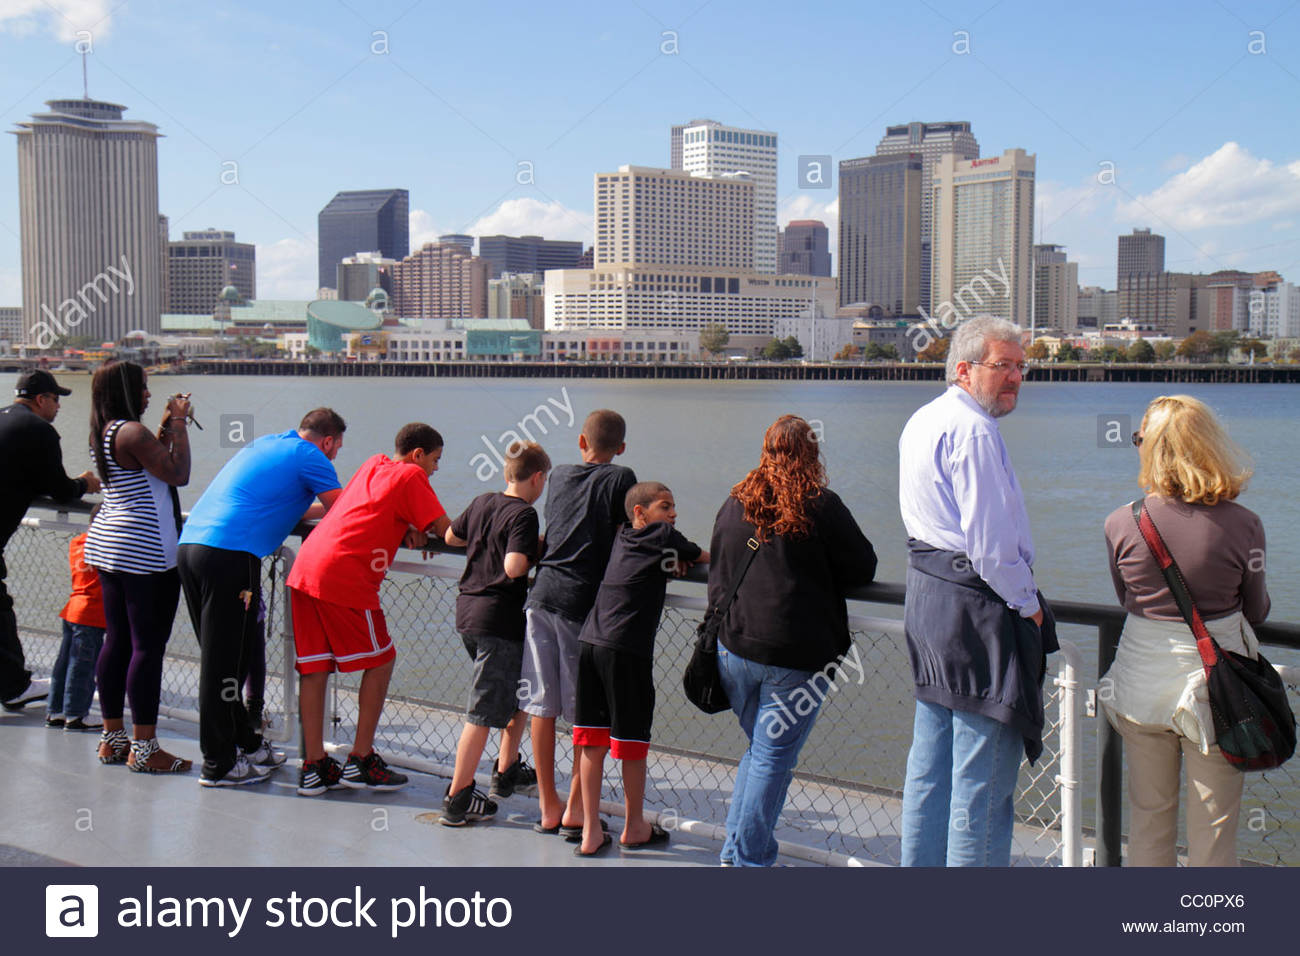 New Orleans in Louisiana Mississippi River Algeri Canal Street Ferry CCCD navigazione del traghetto trasporto pubblico Immagini Stock